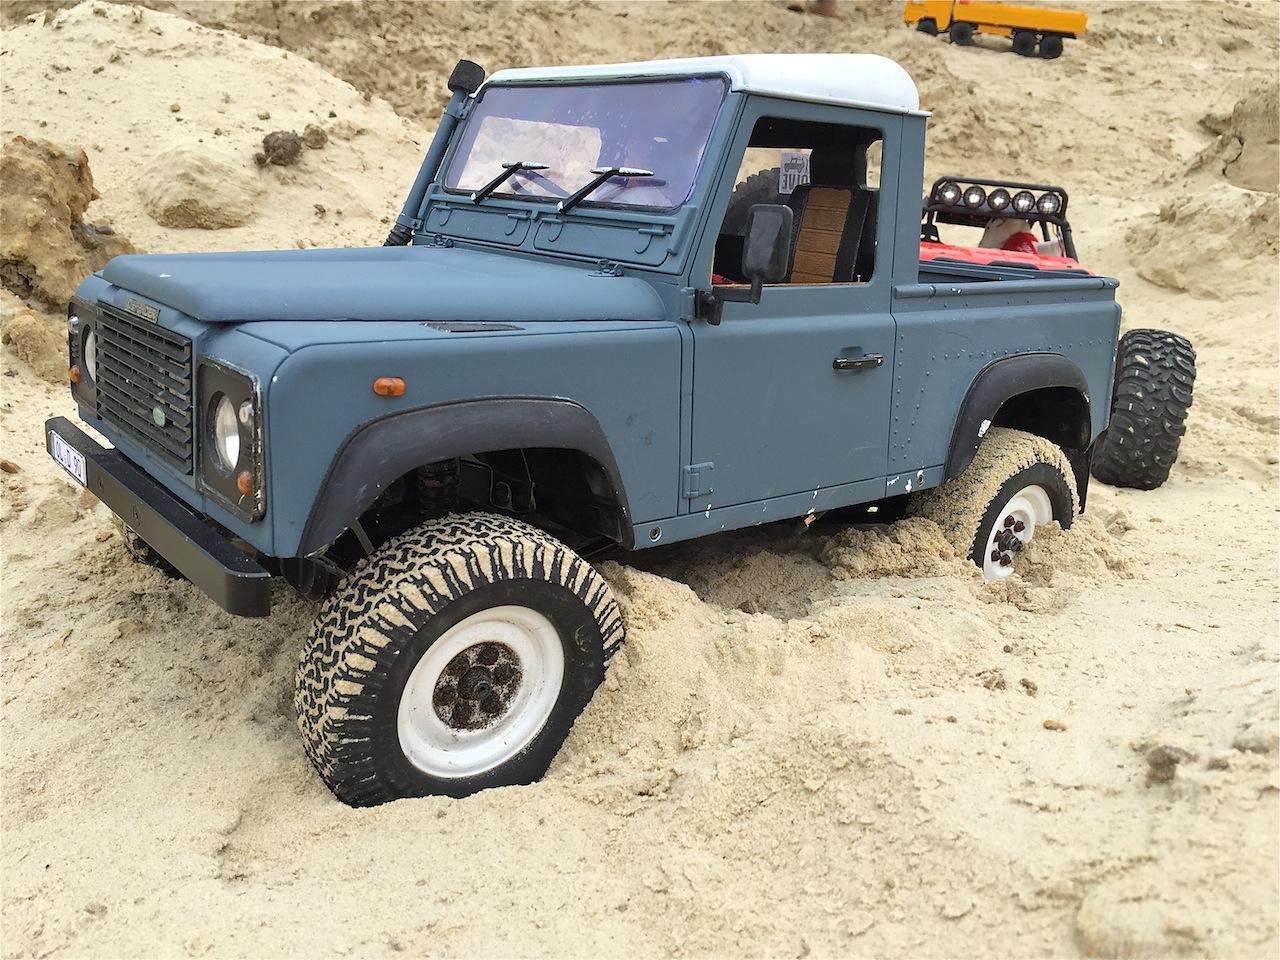 Impressionen Aus Der Wste Rc4wd Gelnde Ii Land Rover Defender D 90 Pick Up